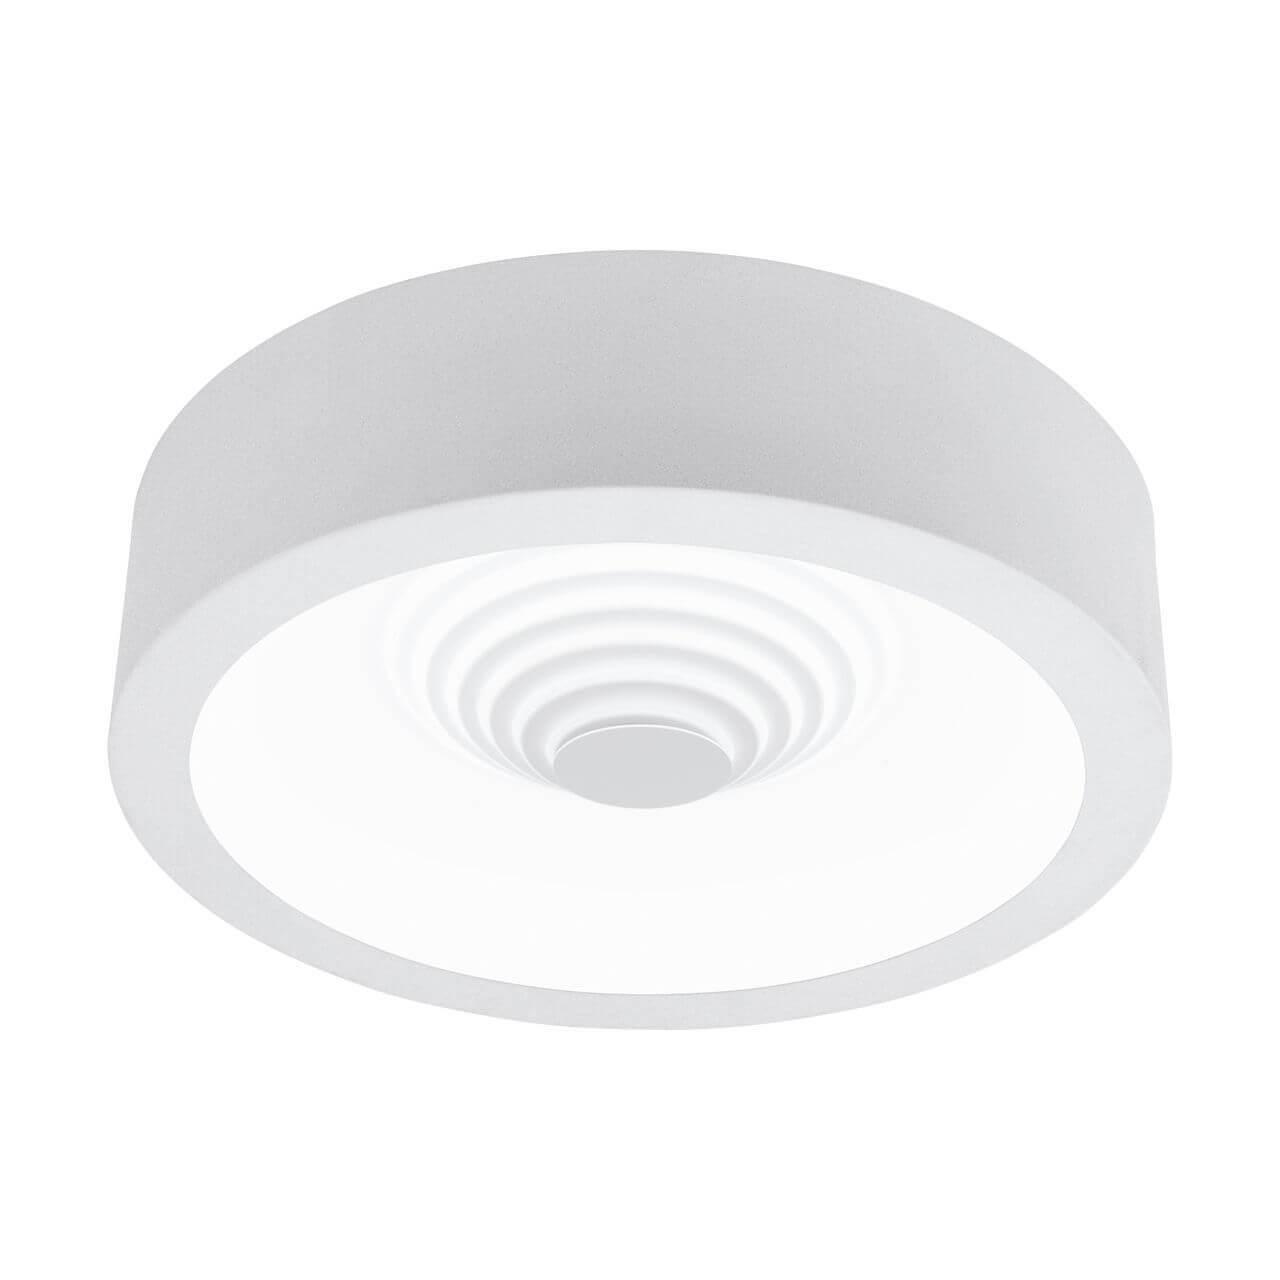 все цены на Потолочный светодиодный светильник Eglo Leganes 96851 онлайн